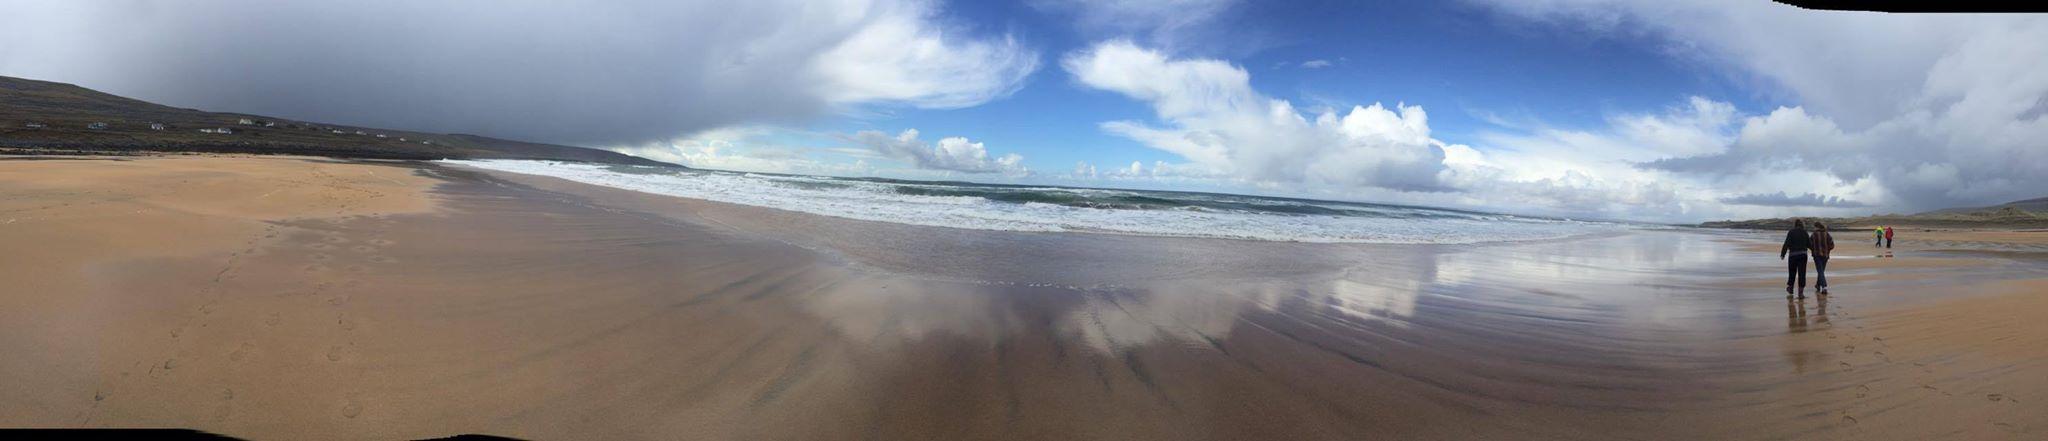 Fanore Beach, The Burren